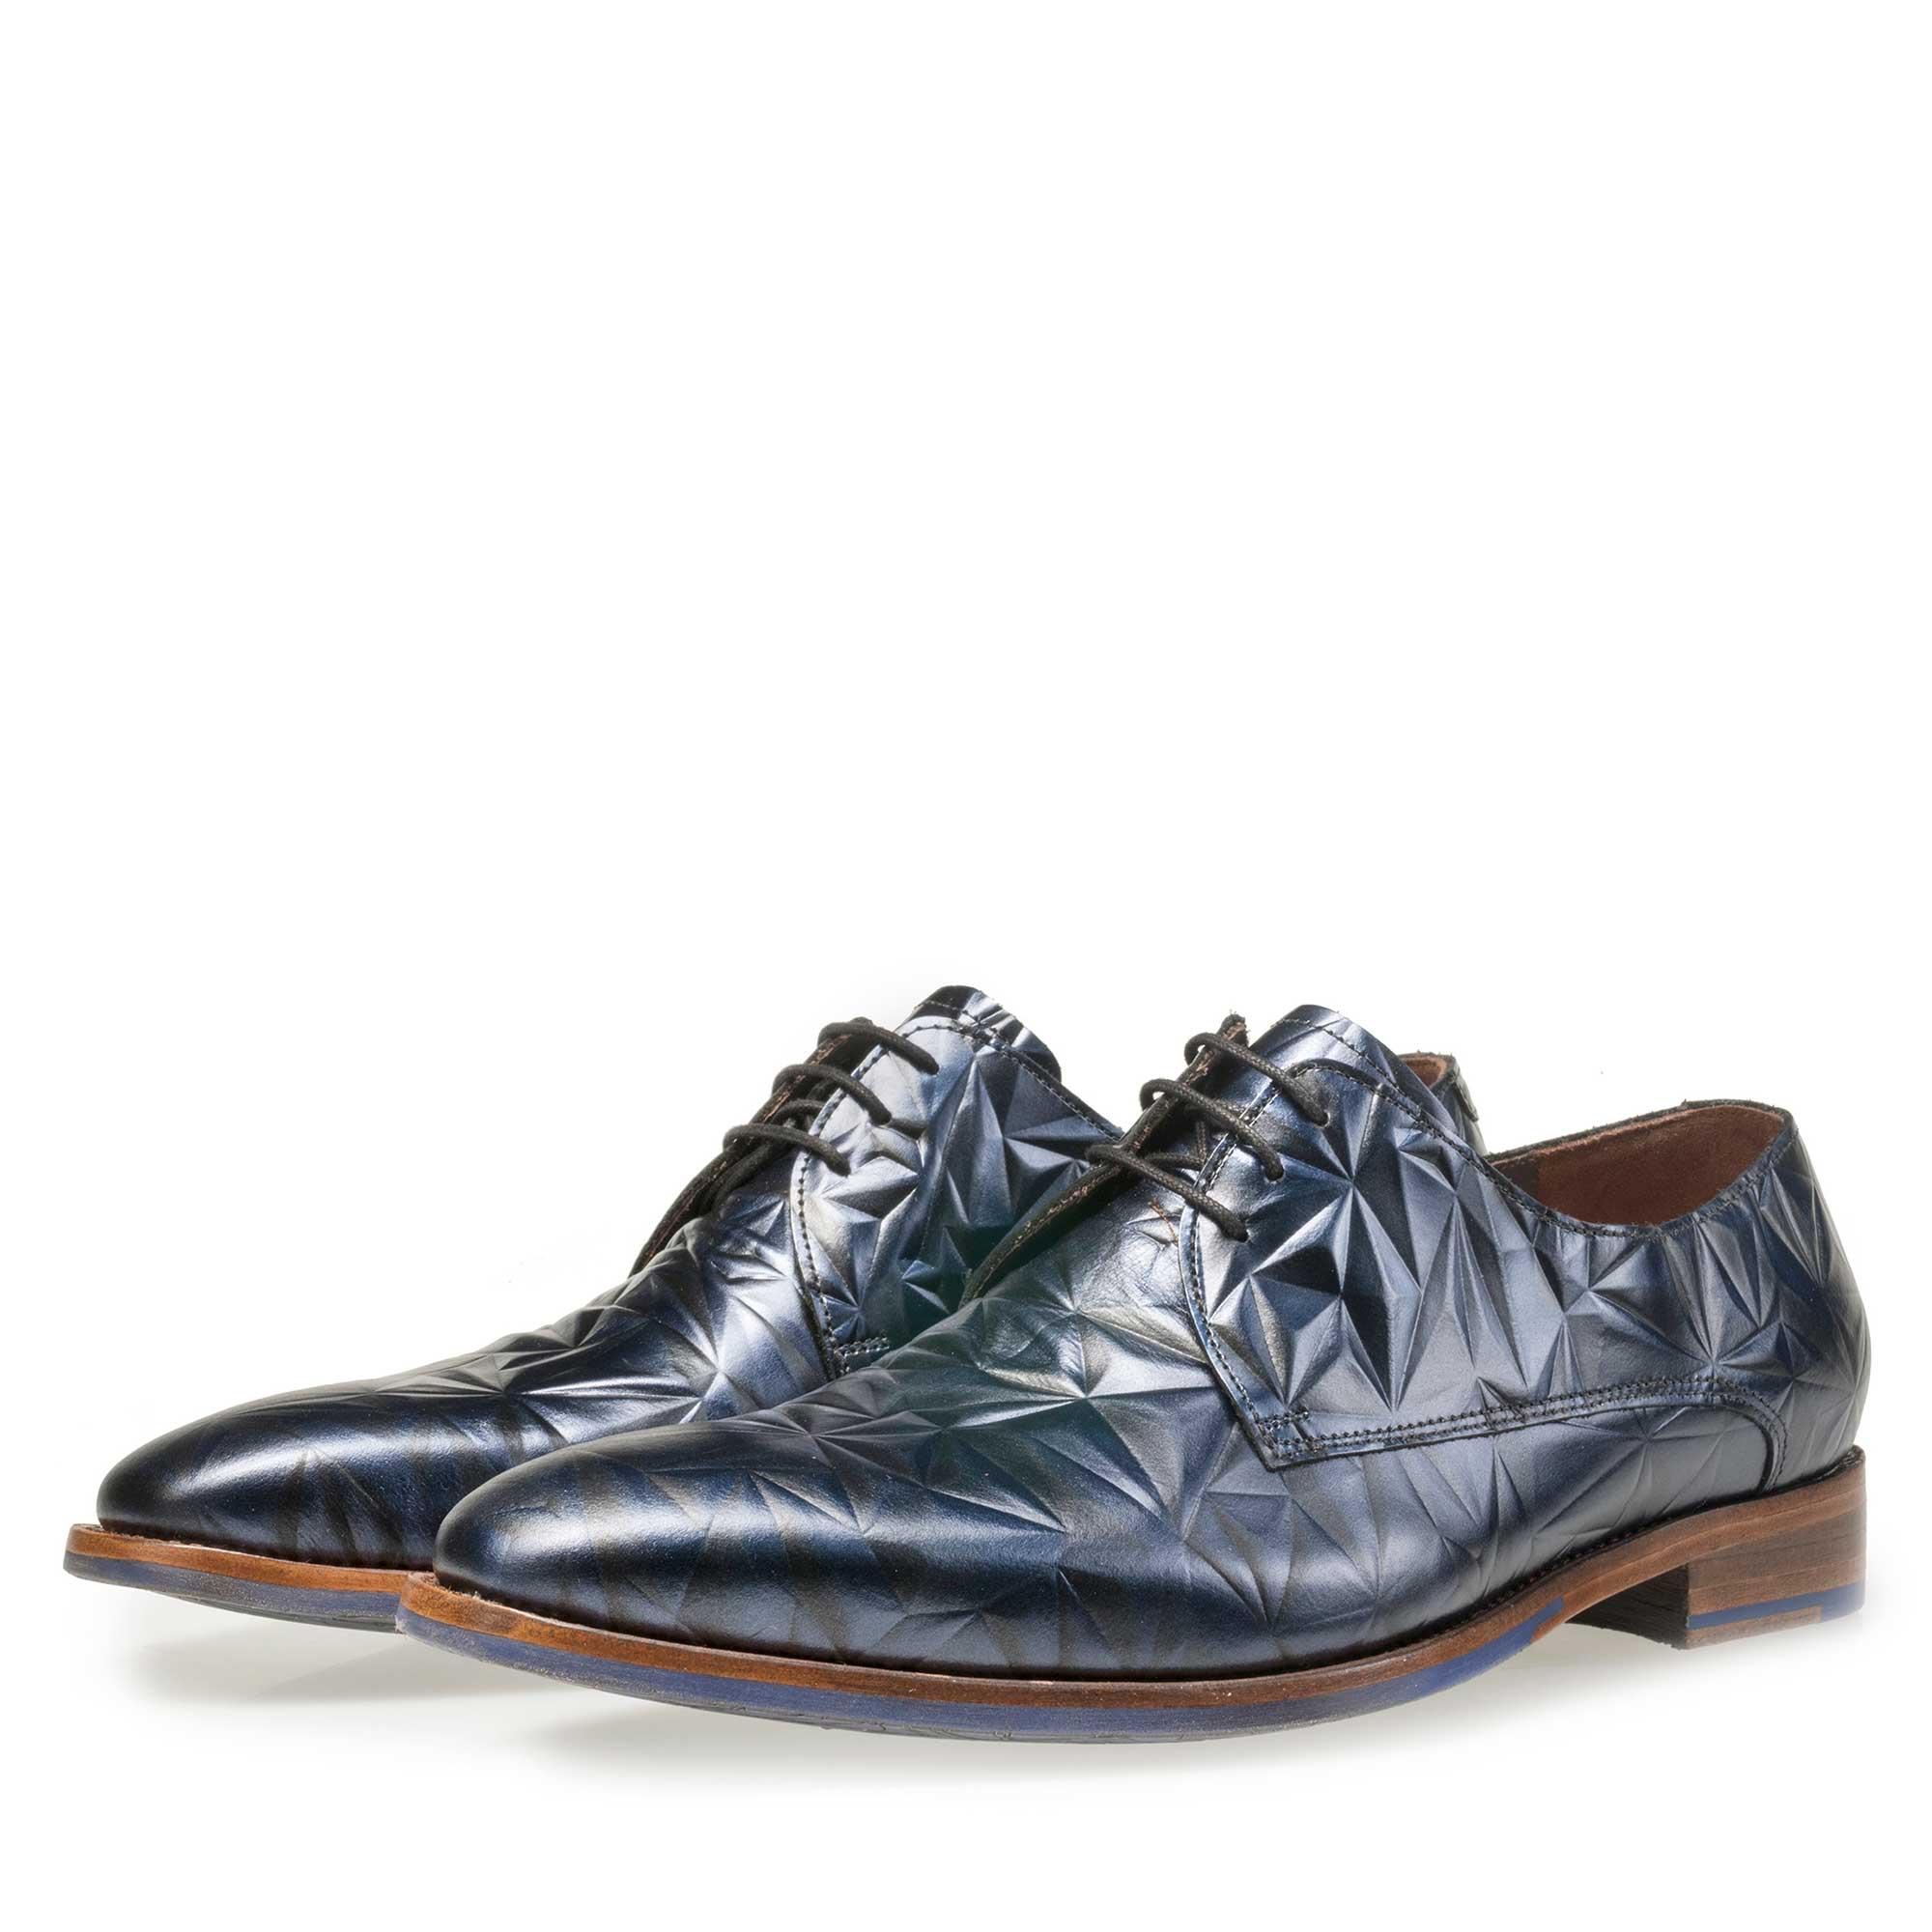 Chaussures Floris Van Bommel Avec Impression Bleu 3d gOfv3M